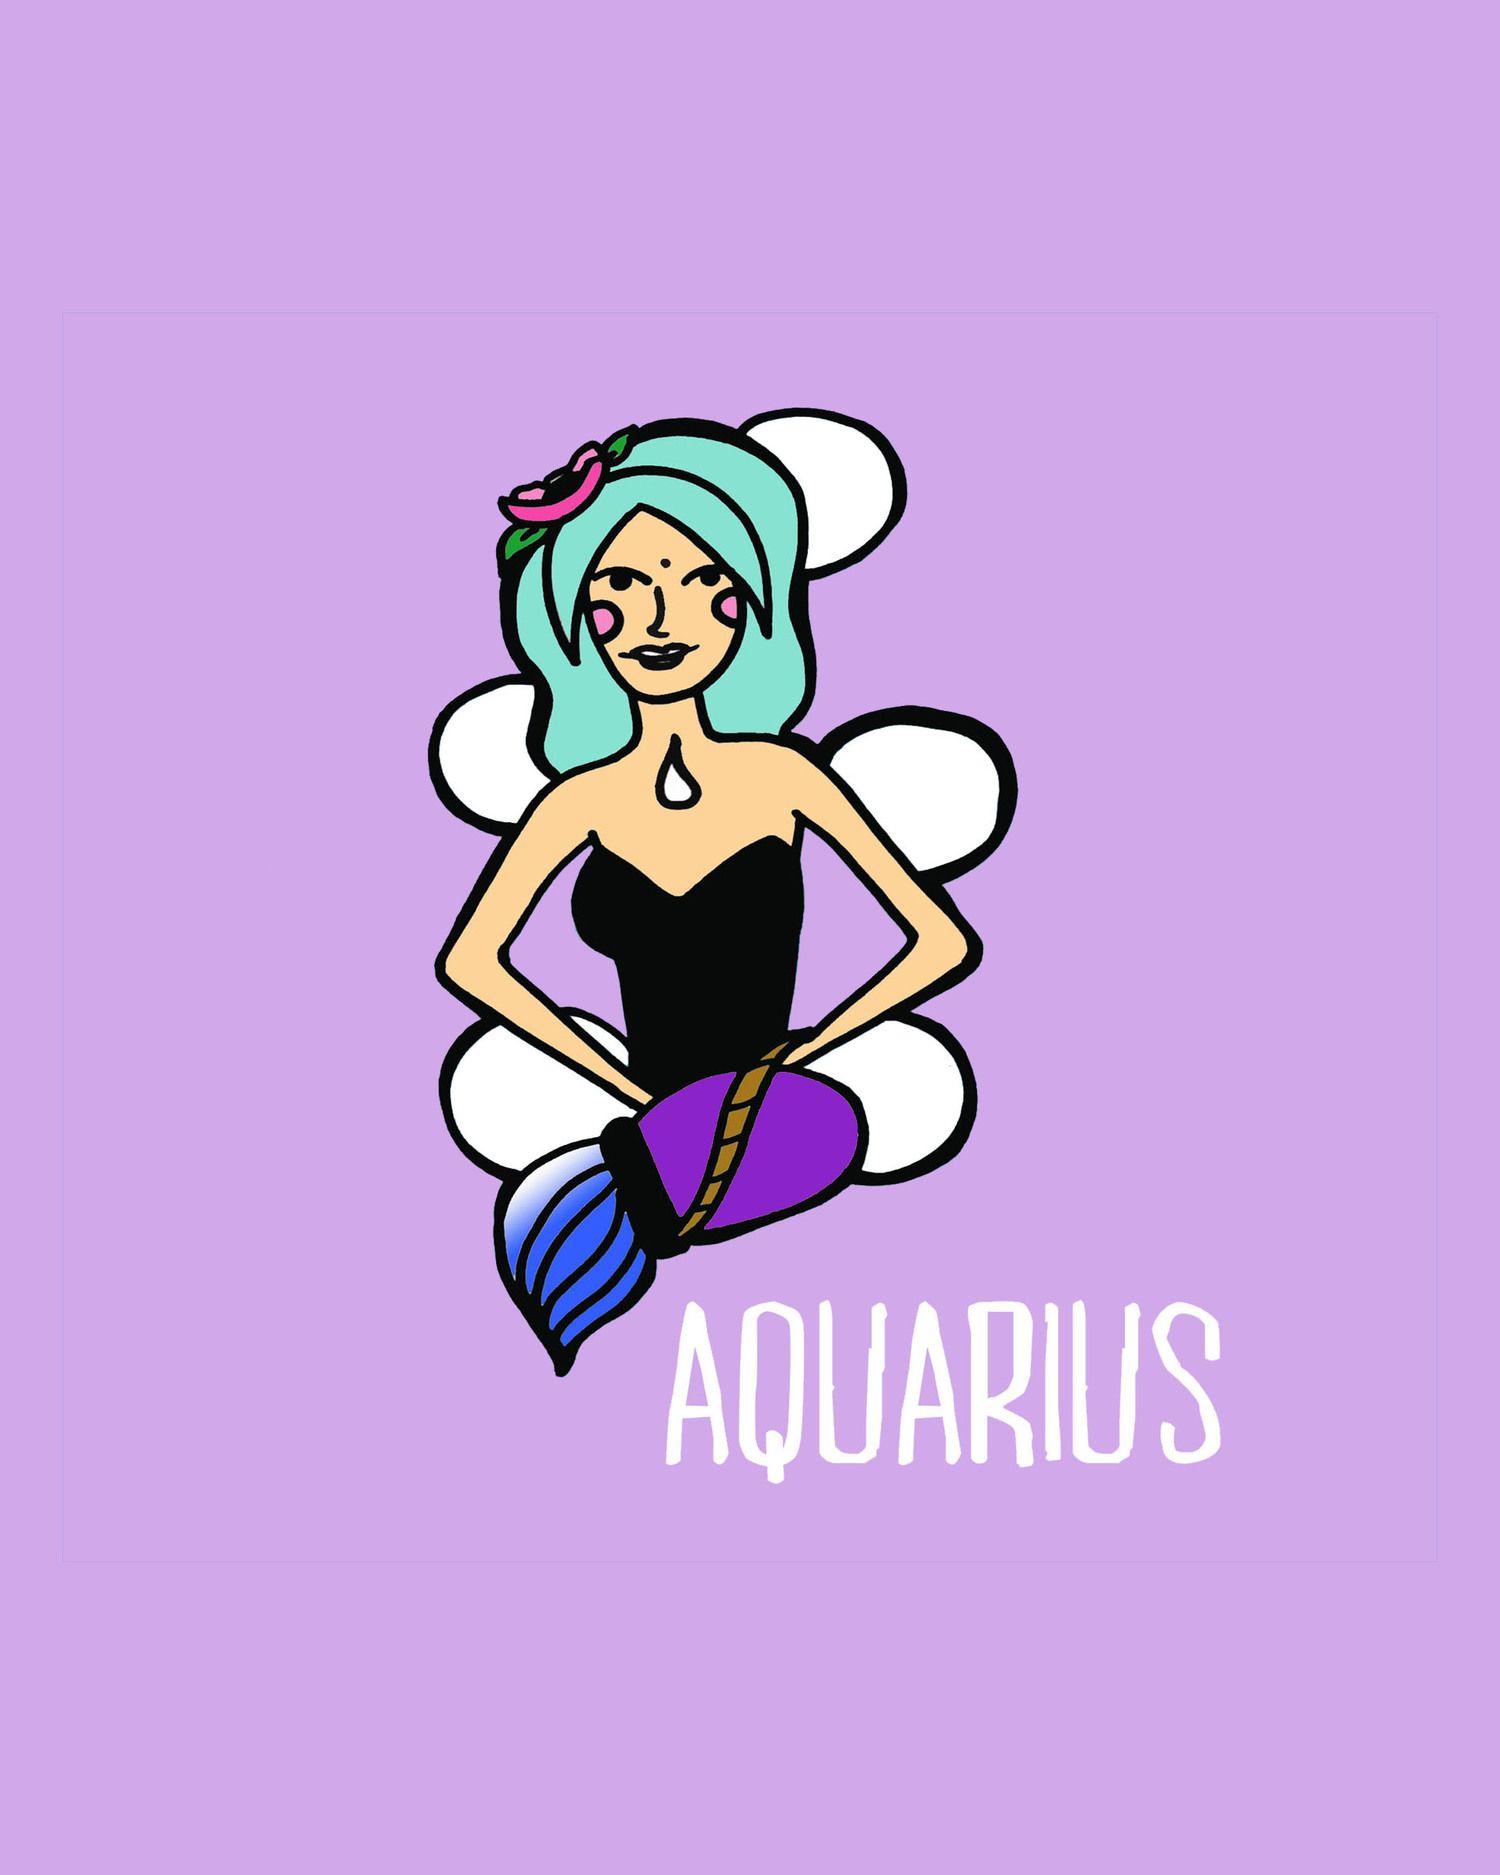 Aquarius8x10.jpg Zodiac, Aquarius, Chelsea smith